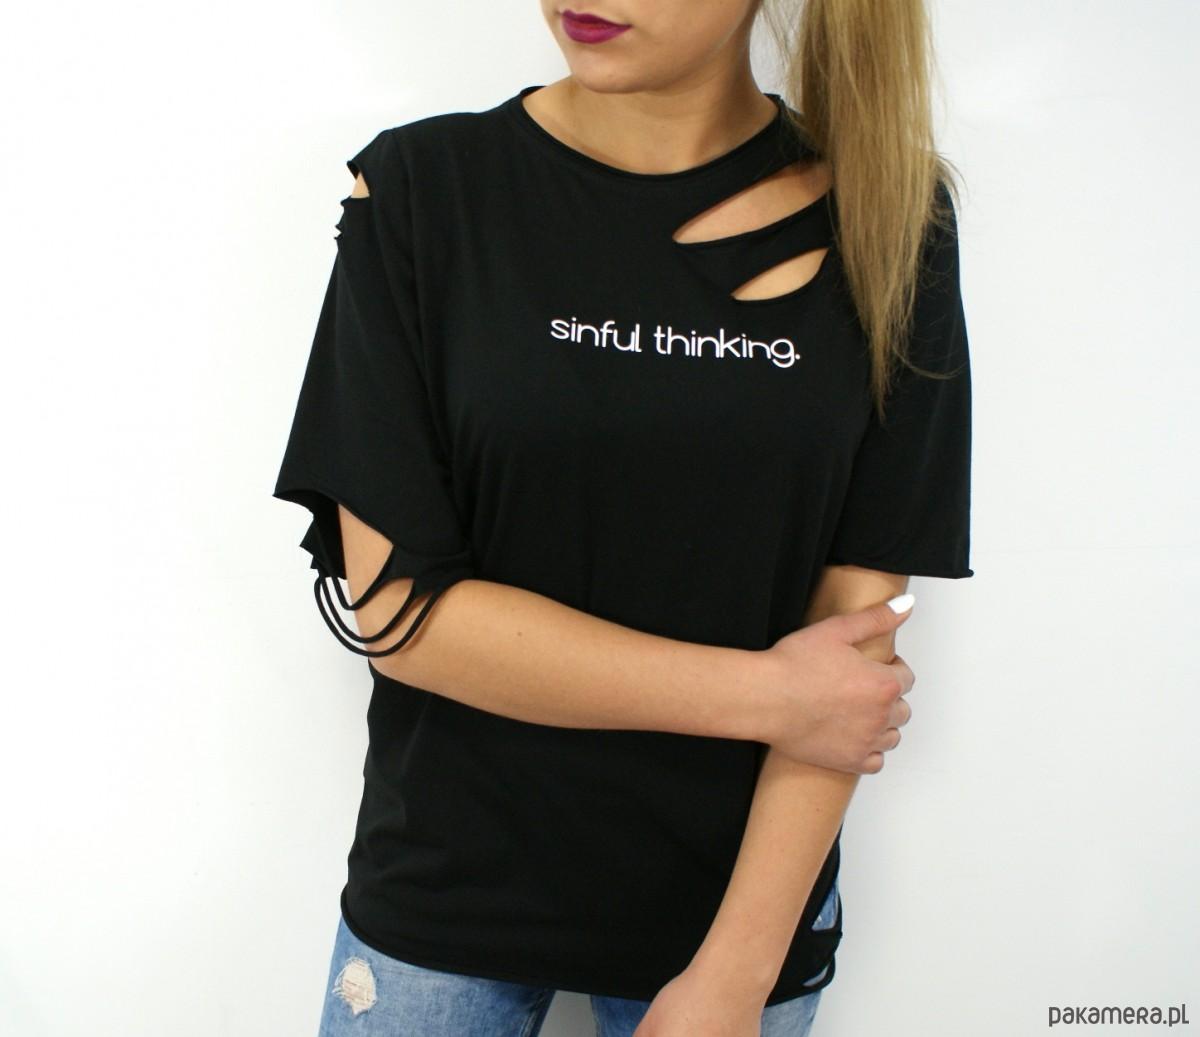 3b1eb003d T-shirt SINFUL THINKING - bluzki - t-shirty - damskie - Pakamera.pl